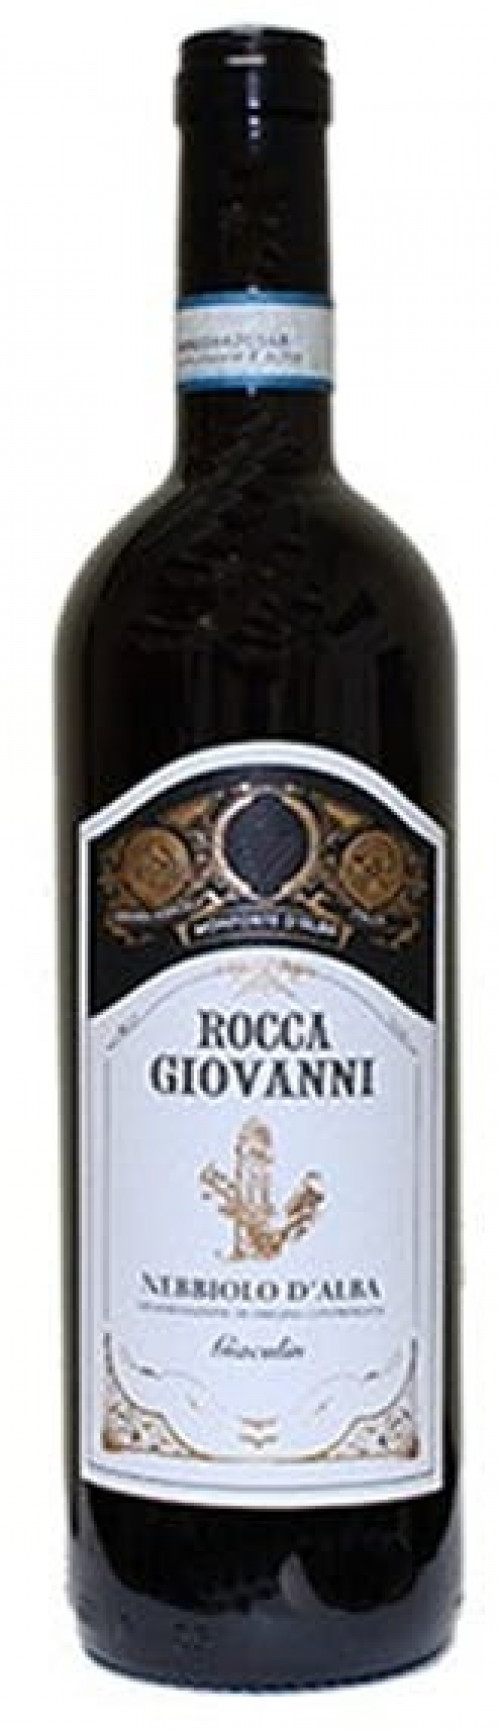 Rocca Giovanni Nebbiolo D'Alba Giaculin 750ml